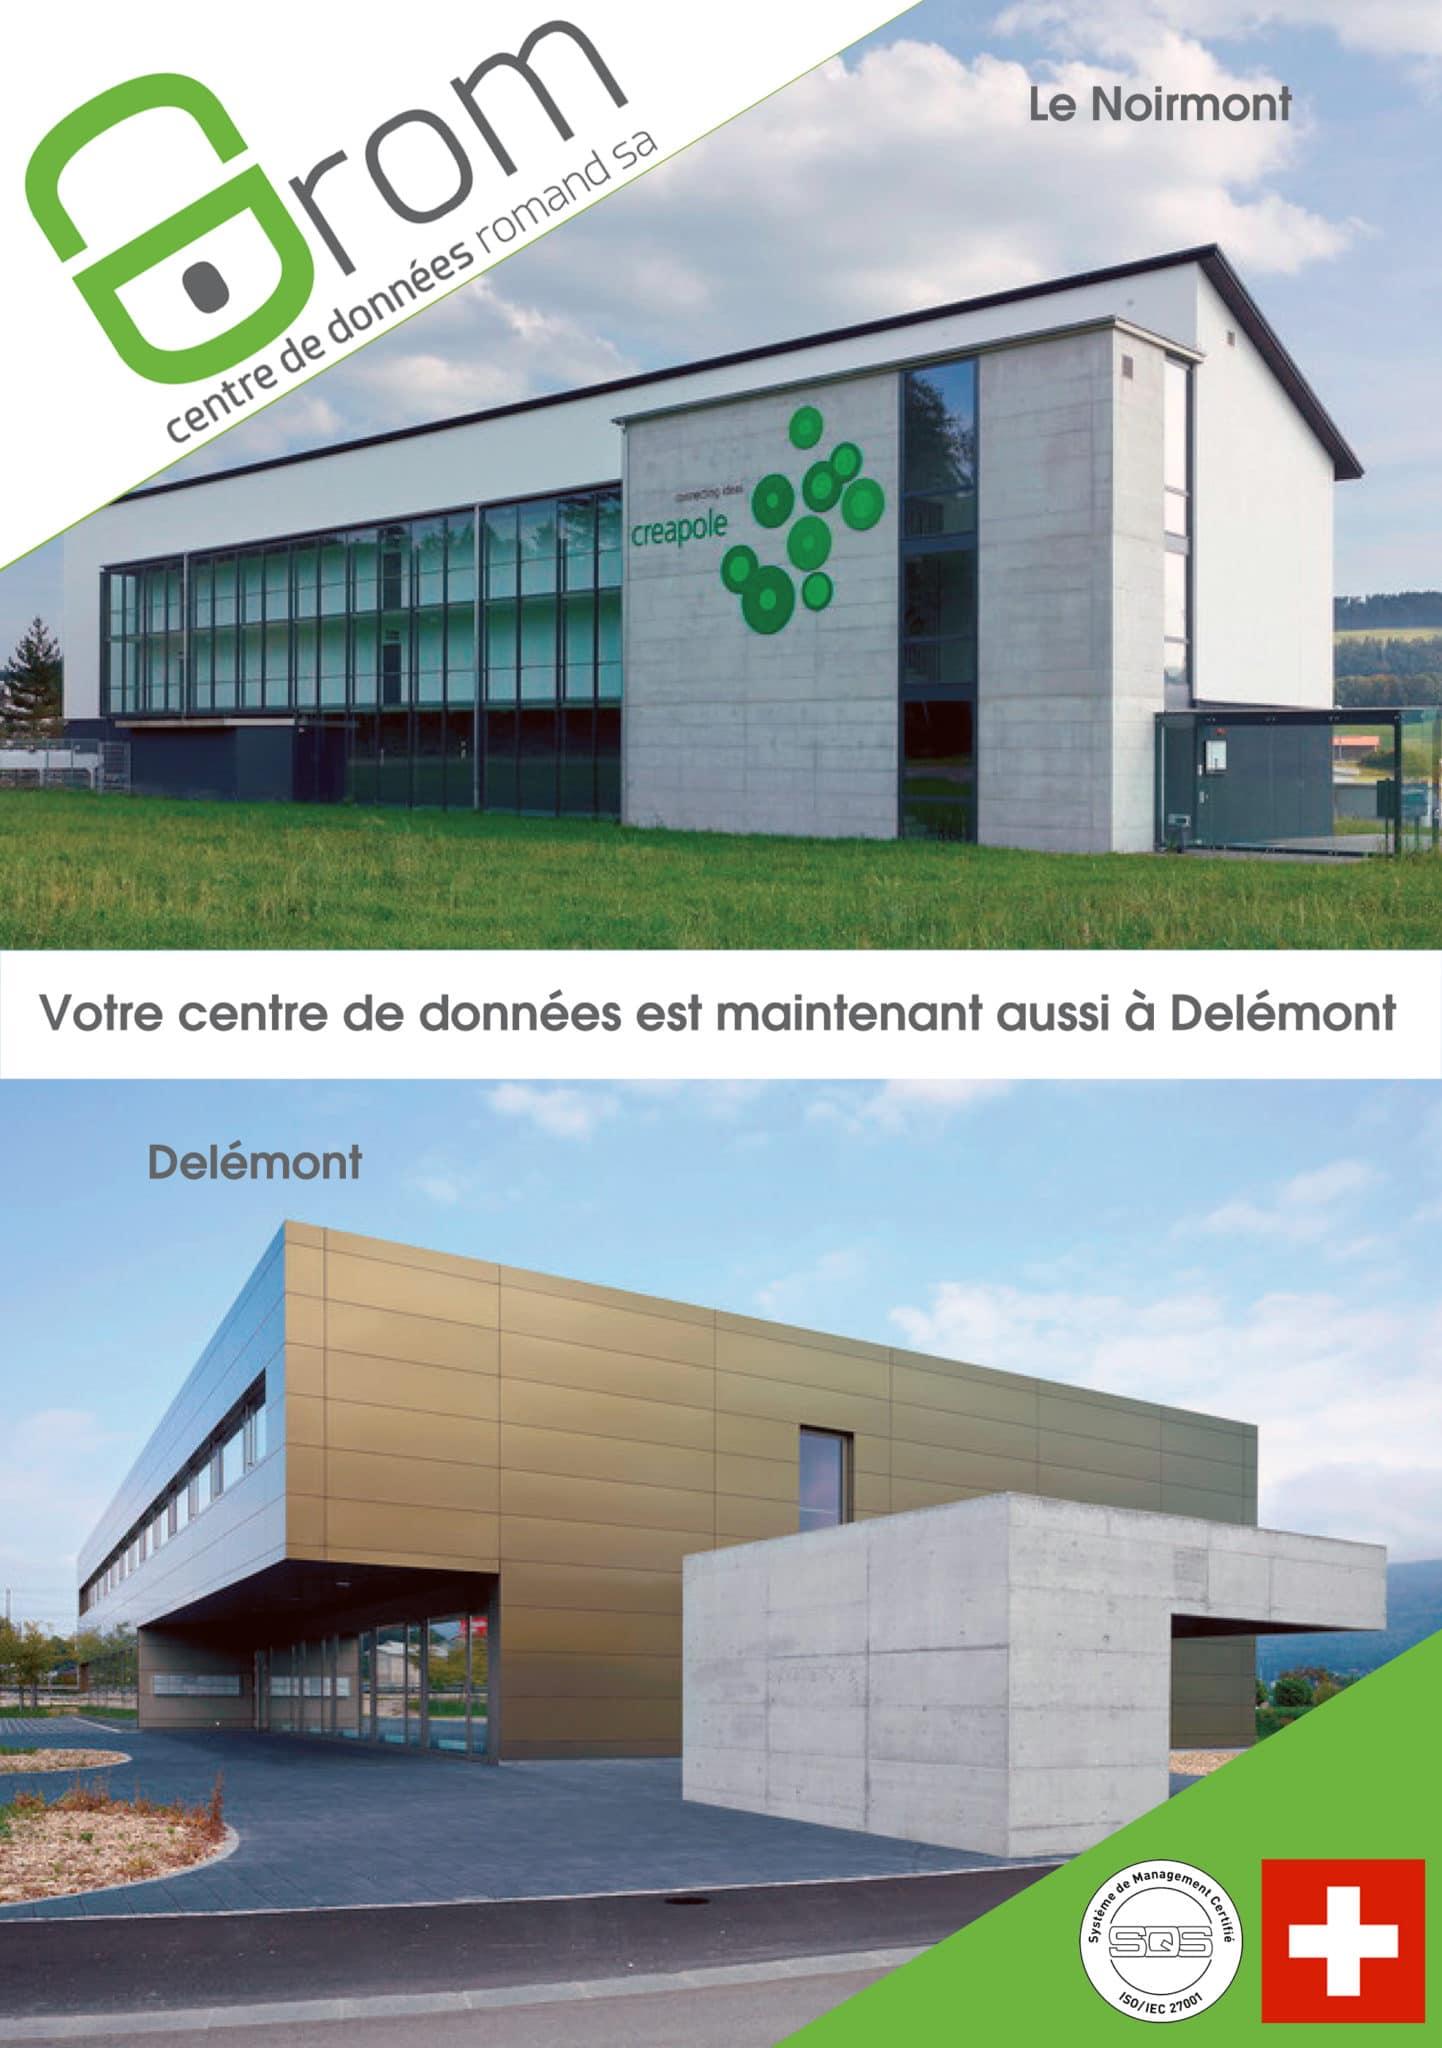 Publicité pour l'entreprise de centre de données CDROM.